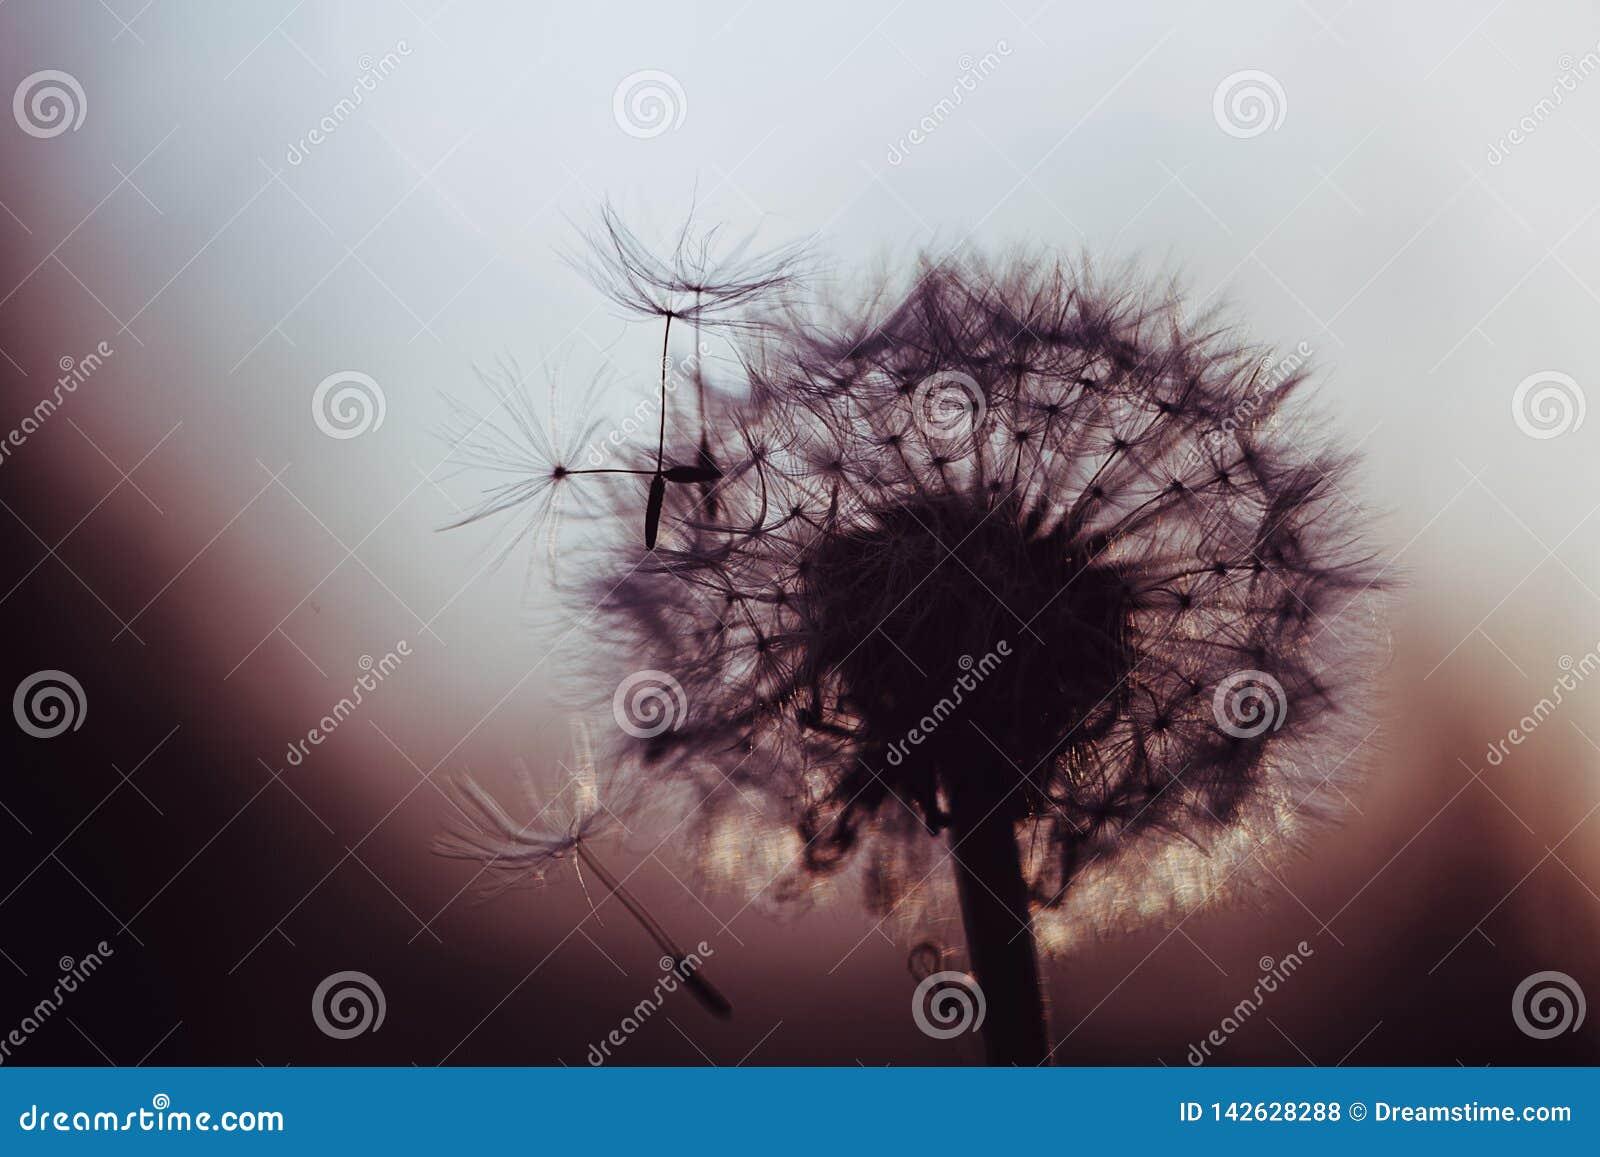 Dandelion in dark color